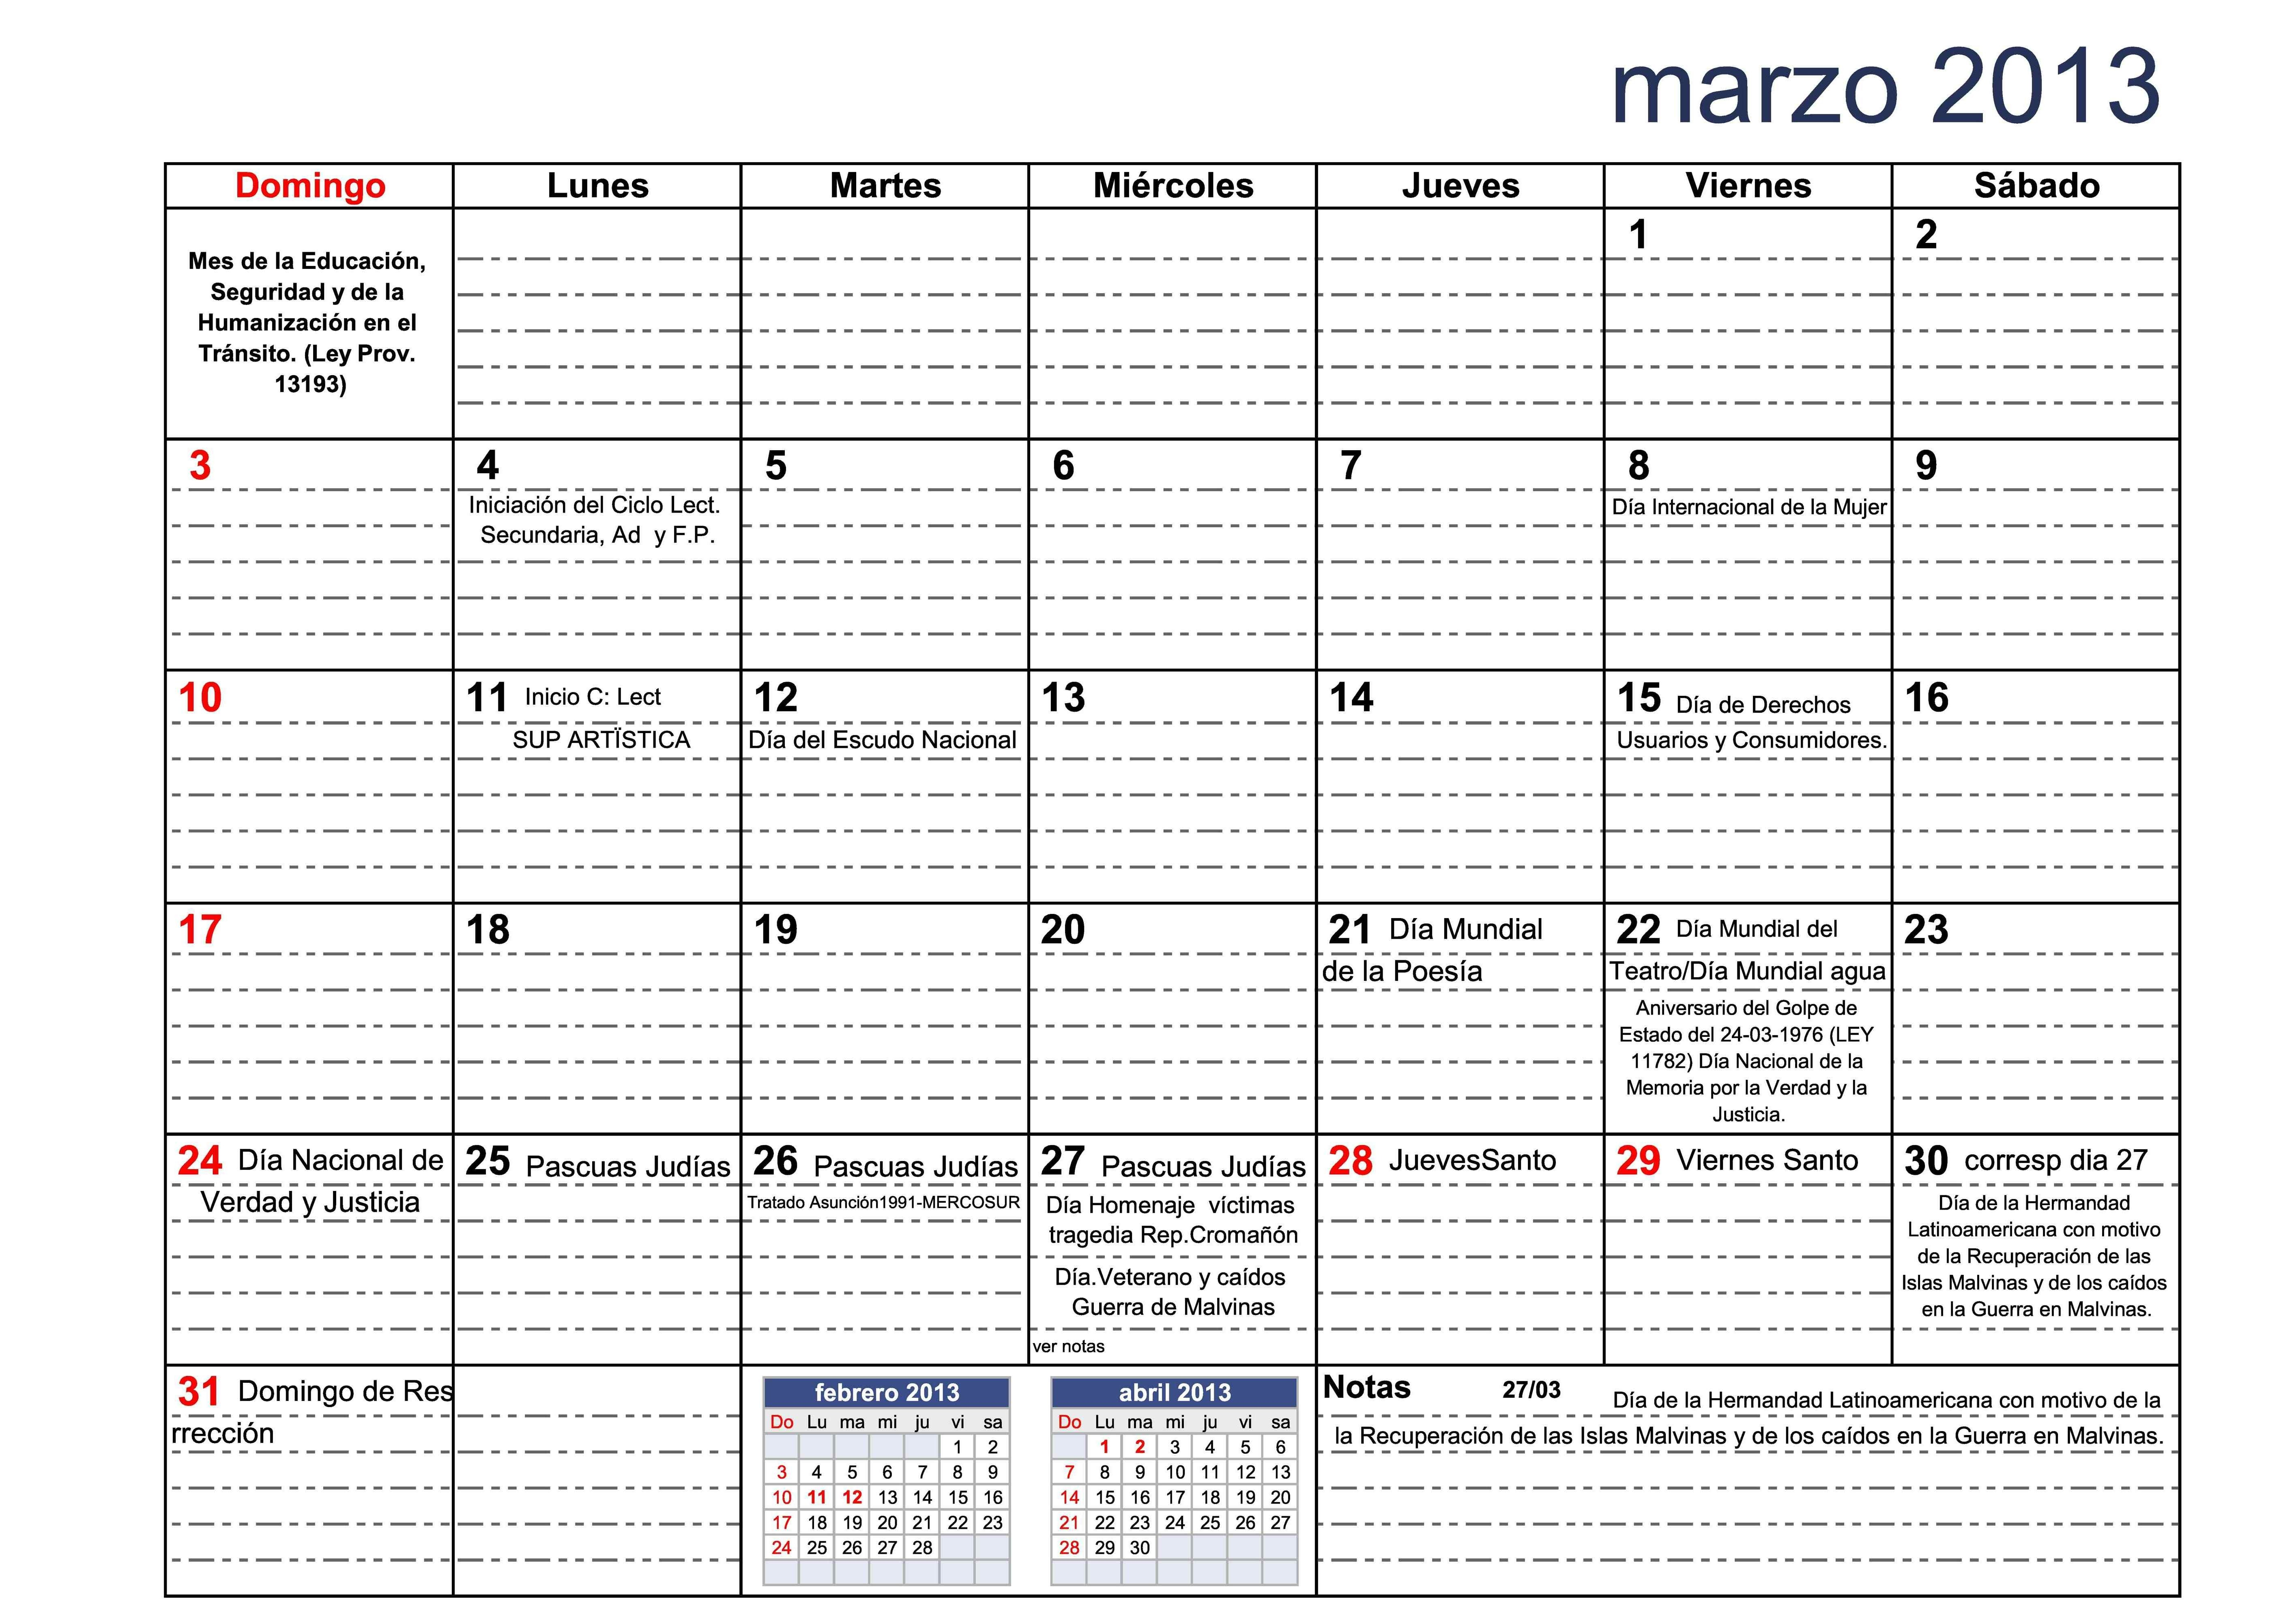 calendario 2013 marzo con cal escolar